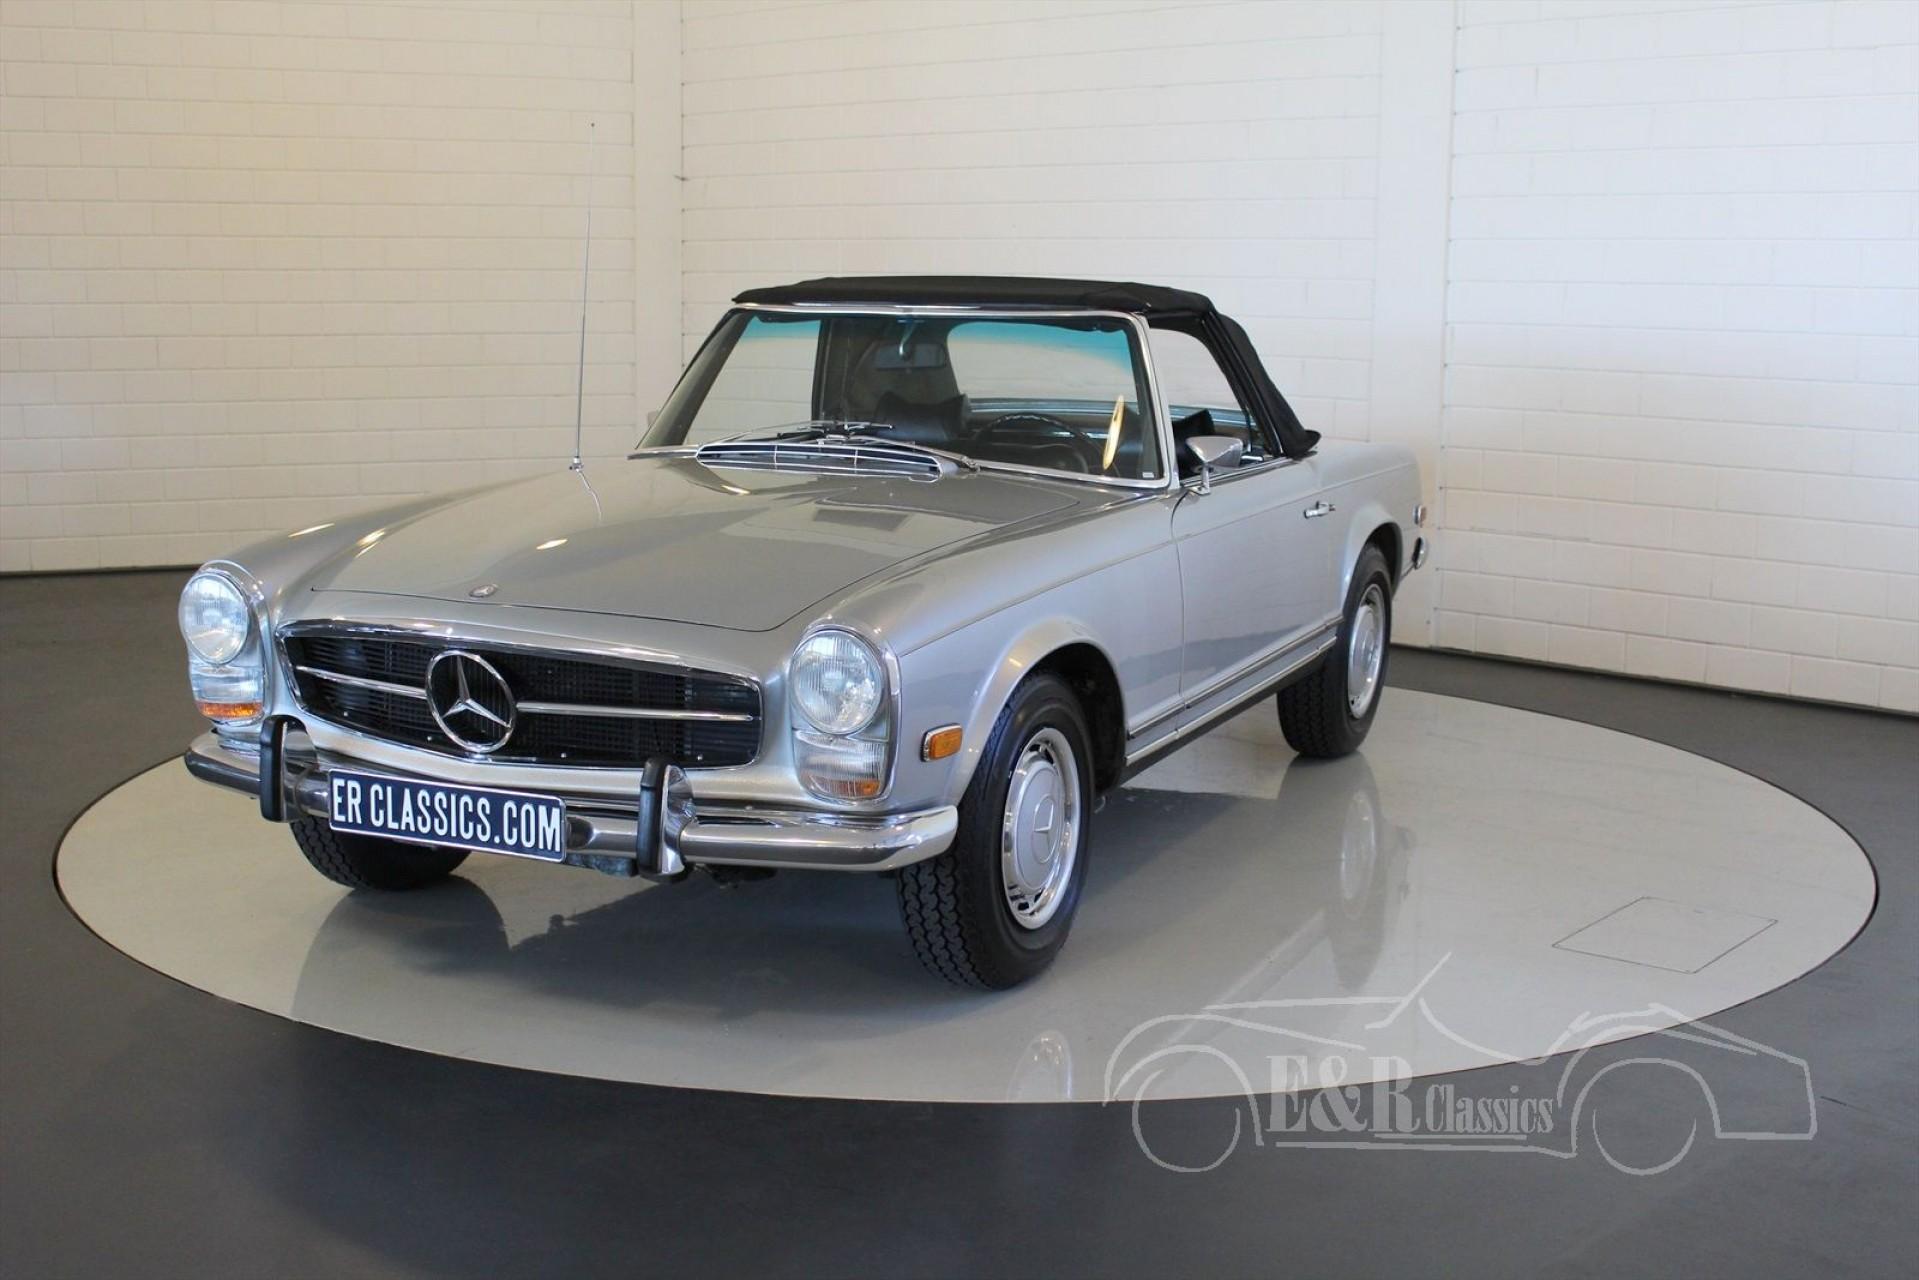 Mercedes benz 280sl 1969 for sale at erclassics for Mercedes benz 280sl